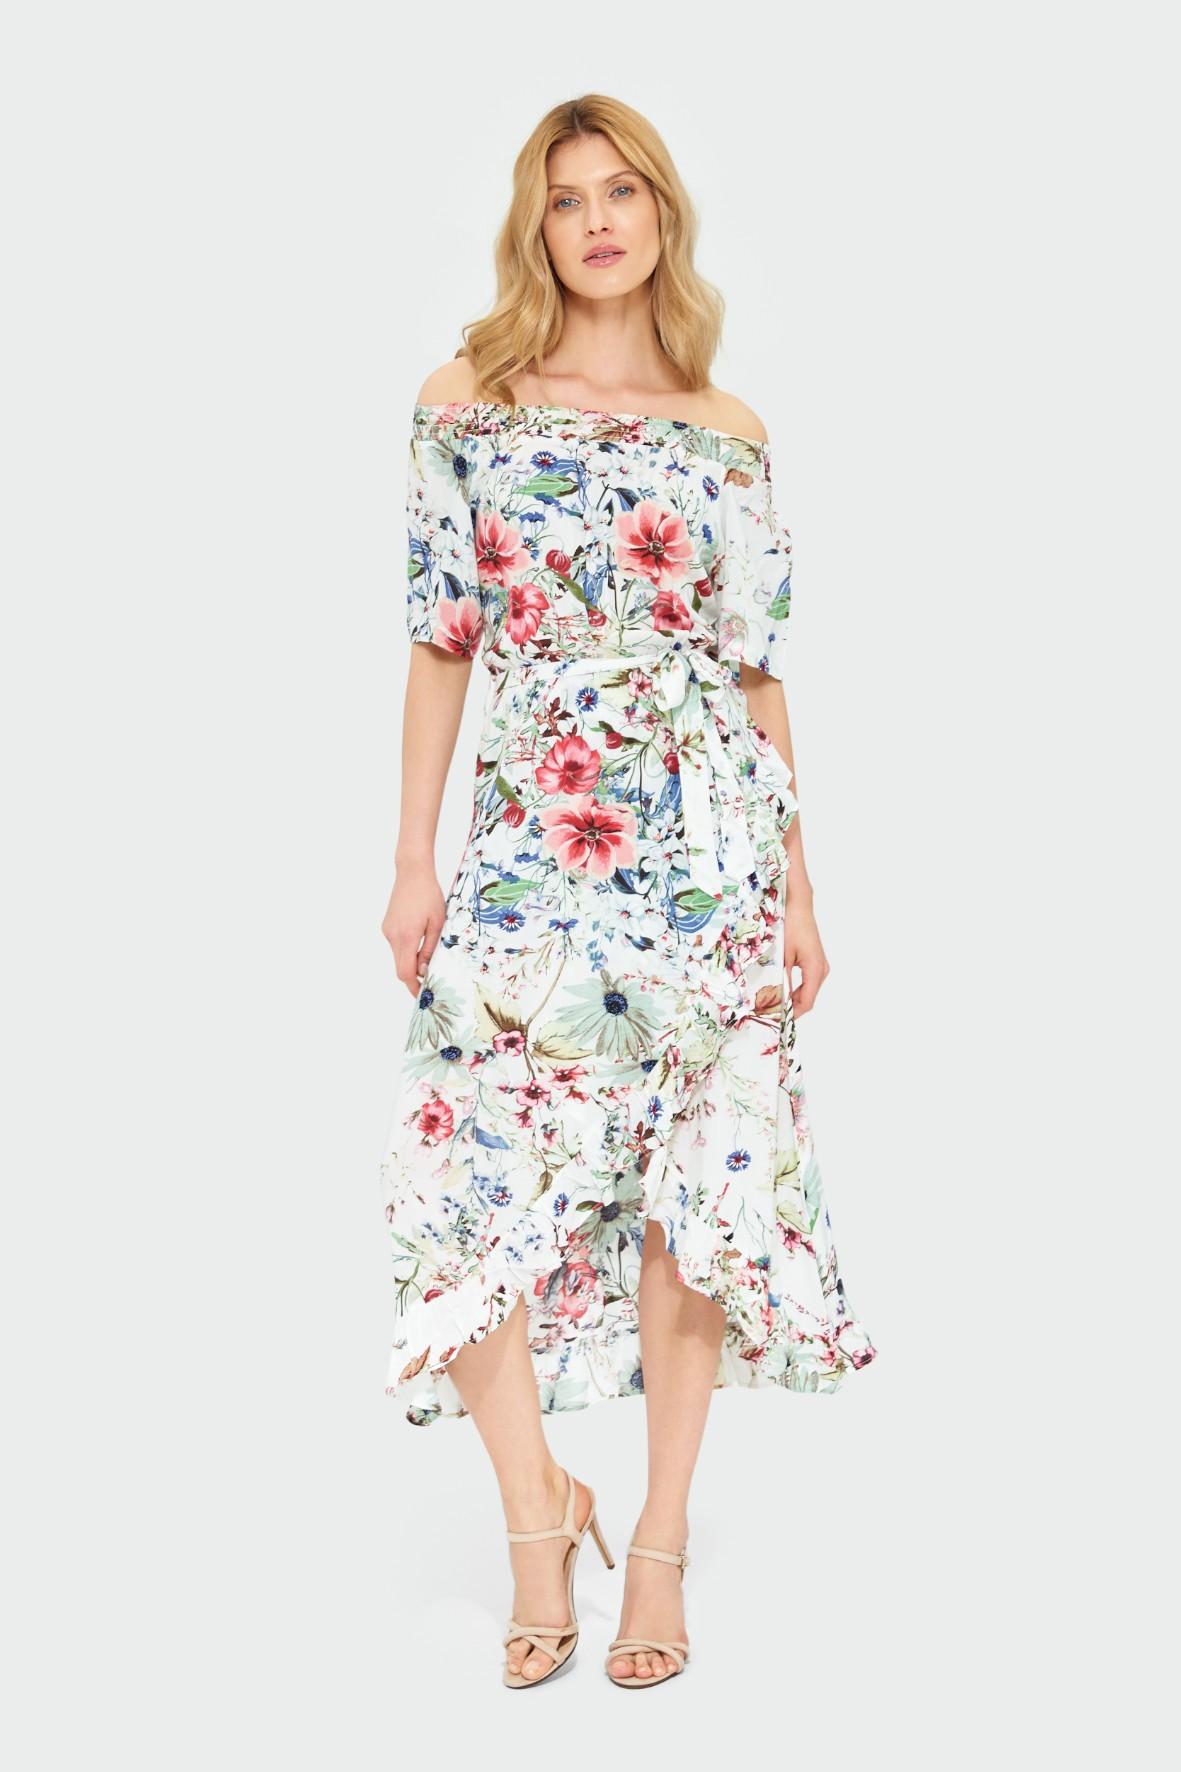 Biała wiskozowa sukienka z kwiatowym nadrukiem typu hiszpanka z falbanami